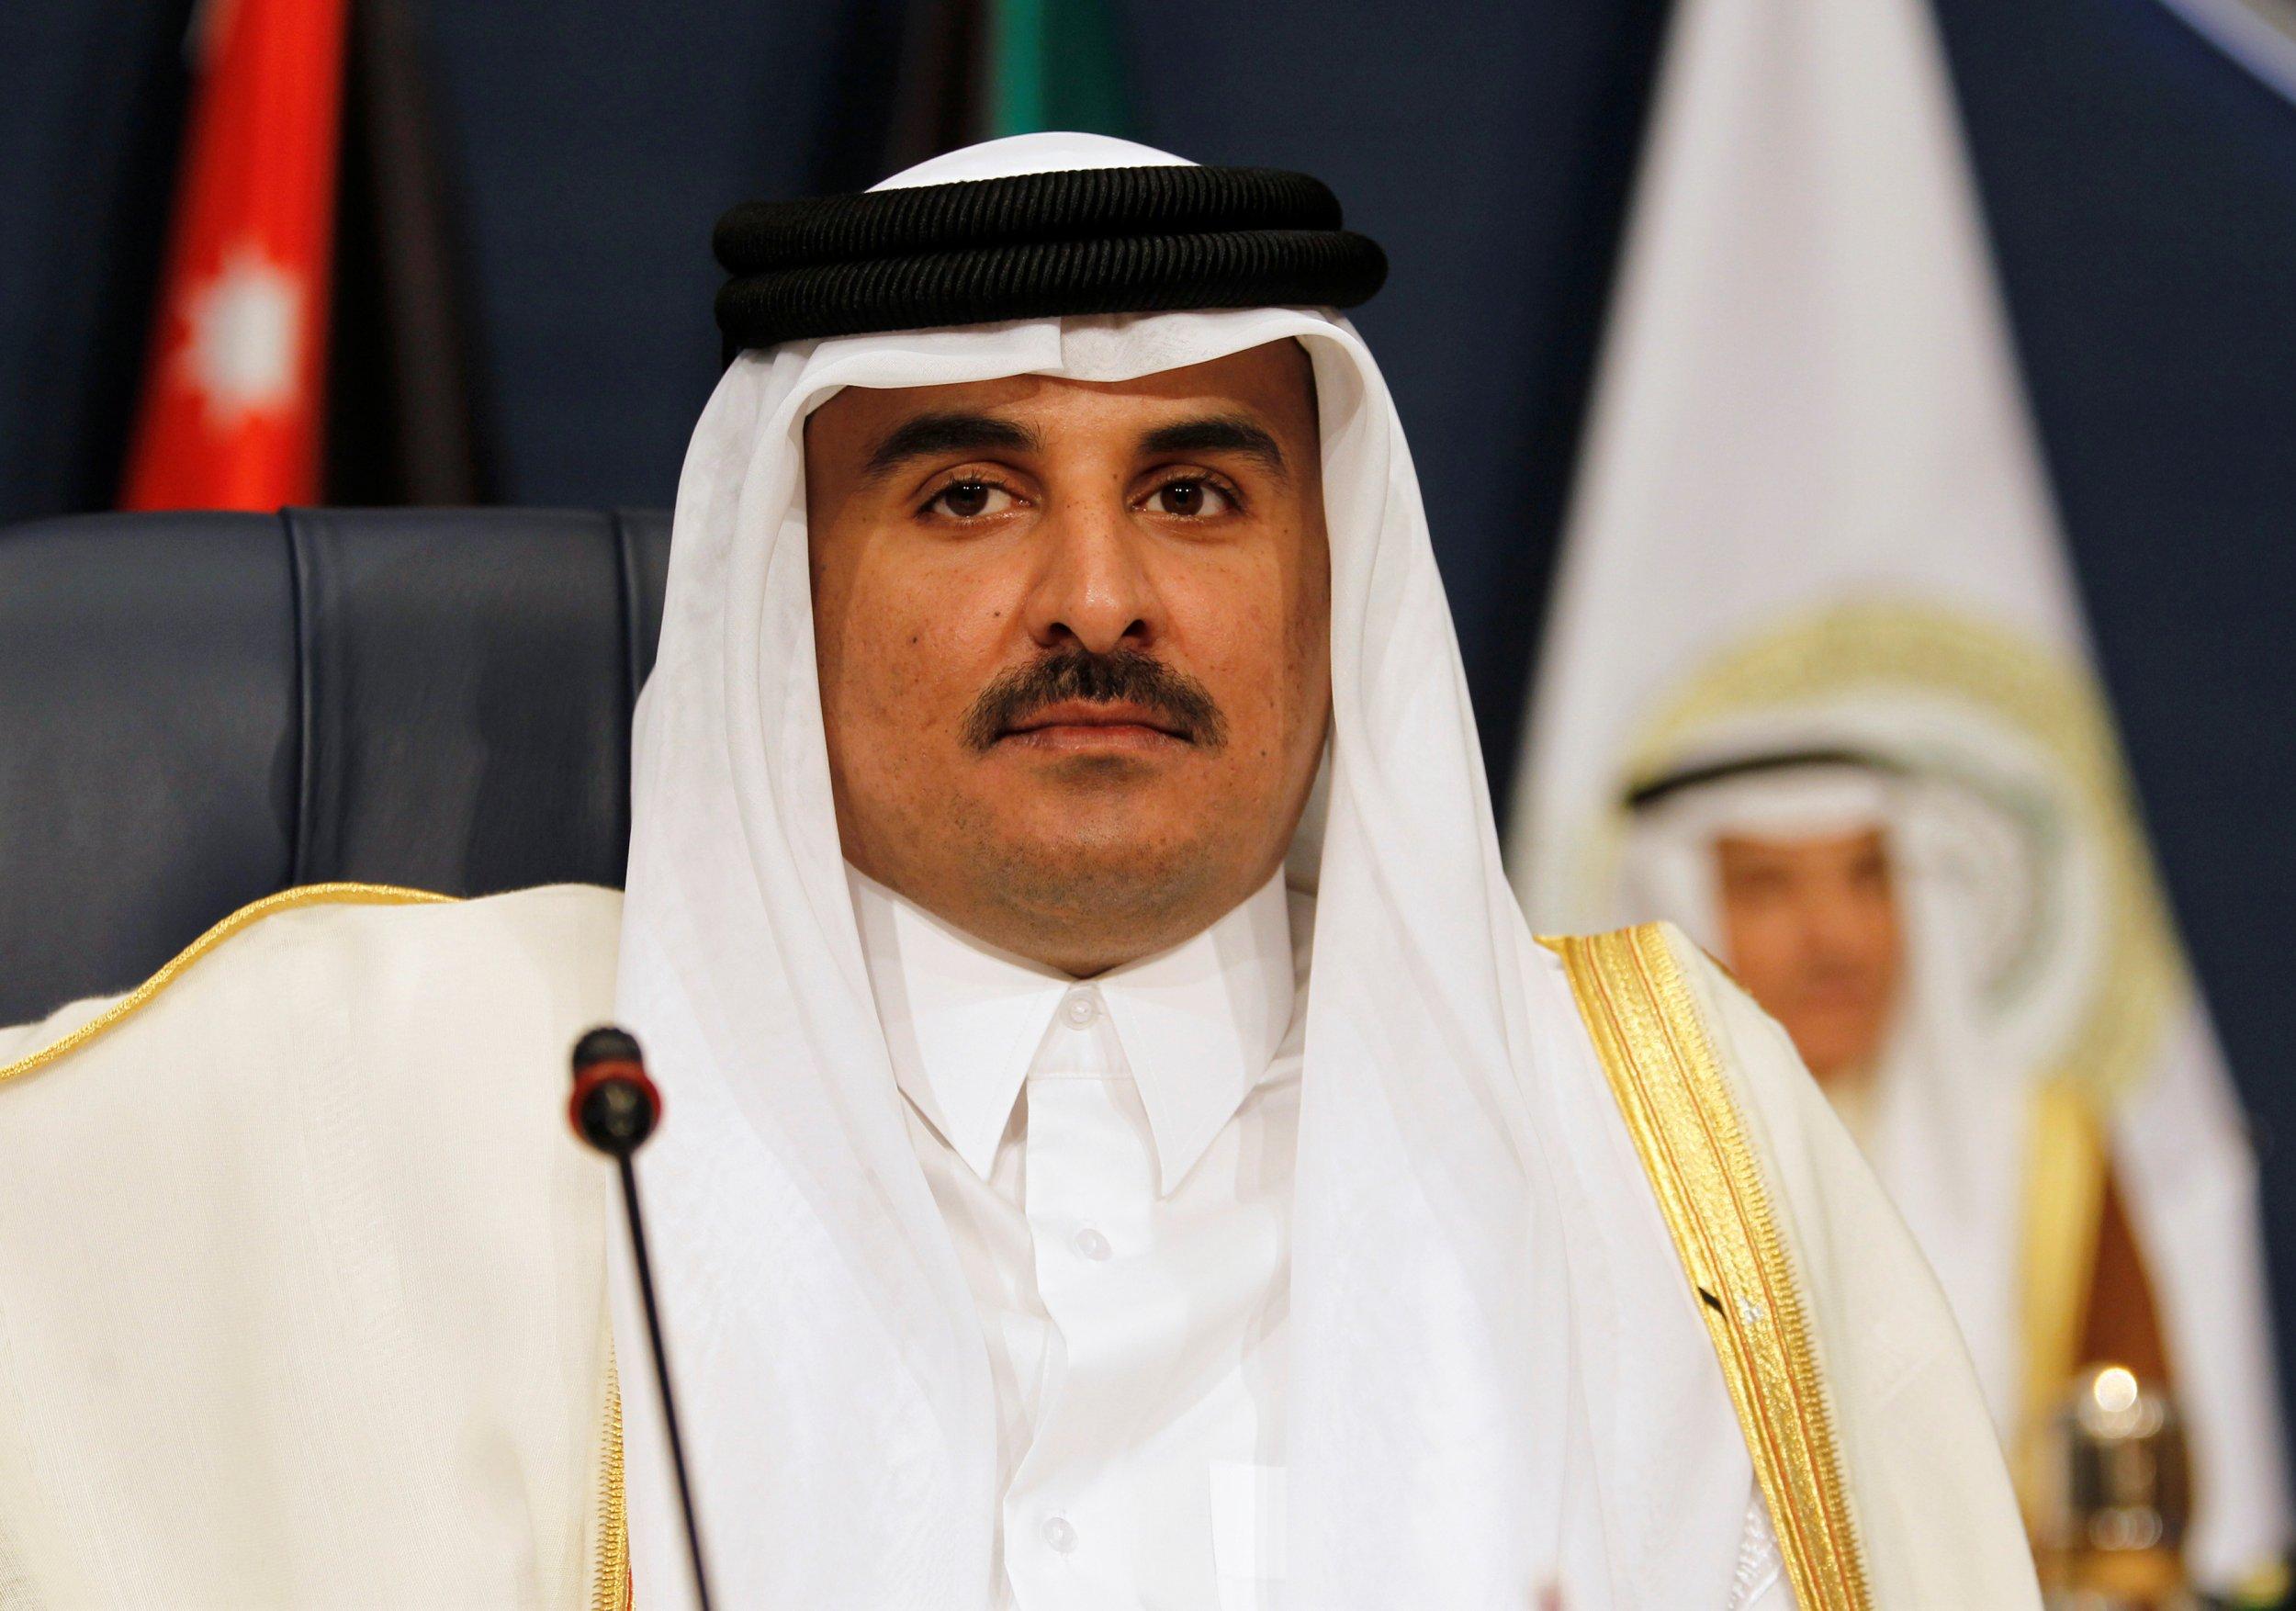 Qatar Sheikh al-Thani